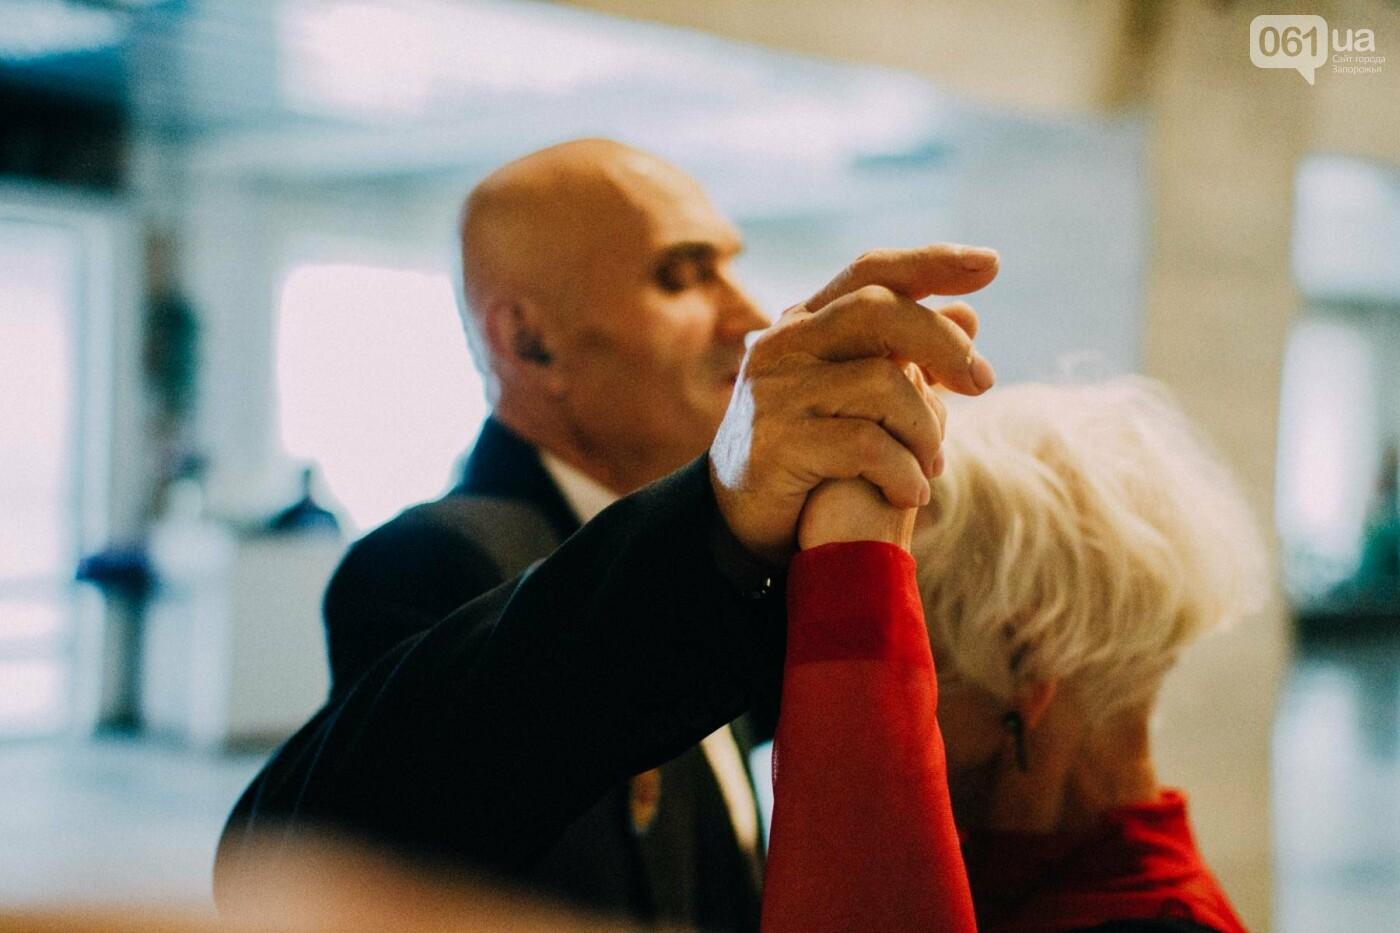 """""""Я ей сказал - до 90 лет будем танцевать!"""": как влюбленные запорожцы нашли друг друга благодаря танцам , фото-8"""